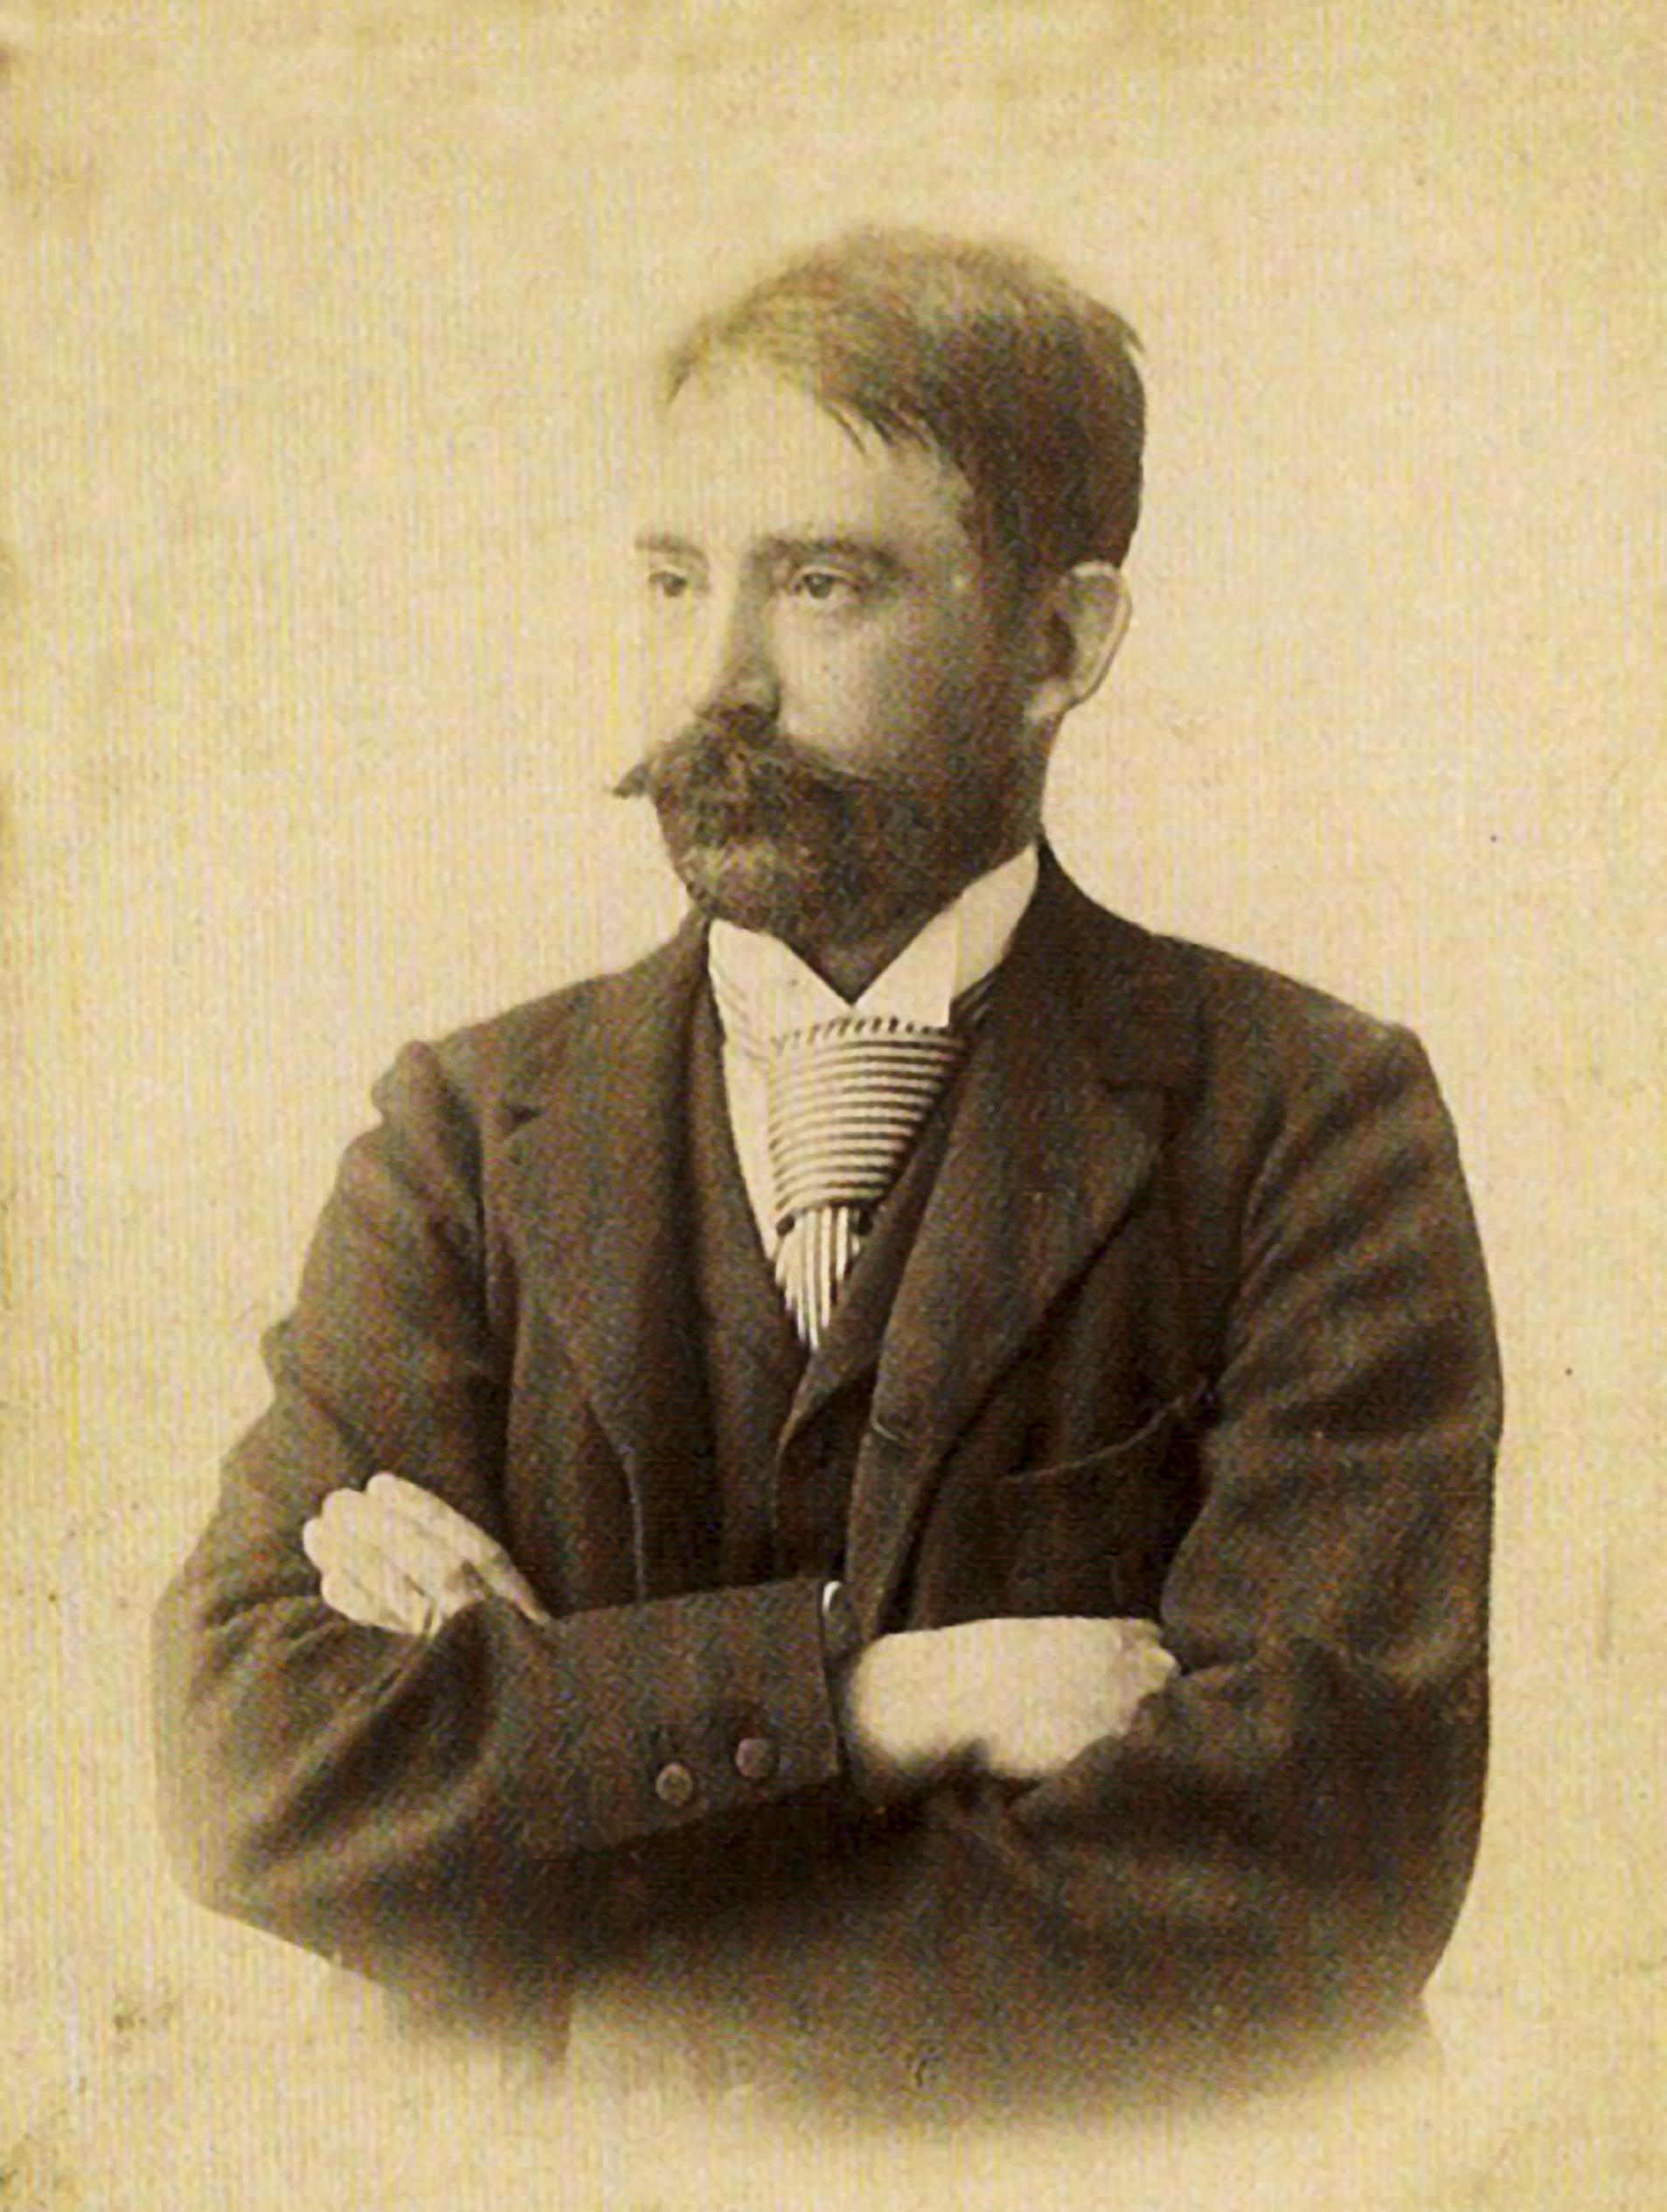 Teodor Marian Talowski (1857-1910)